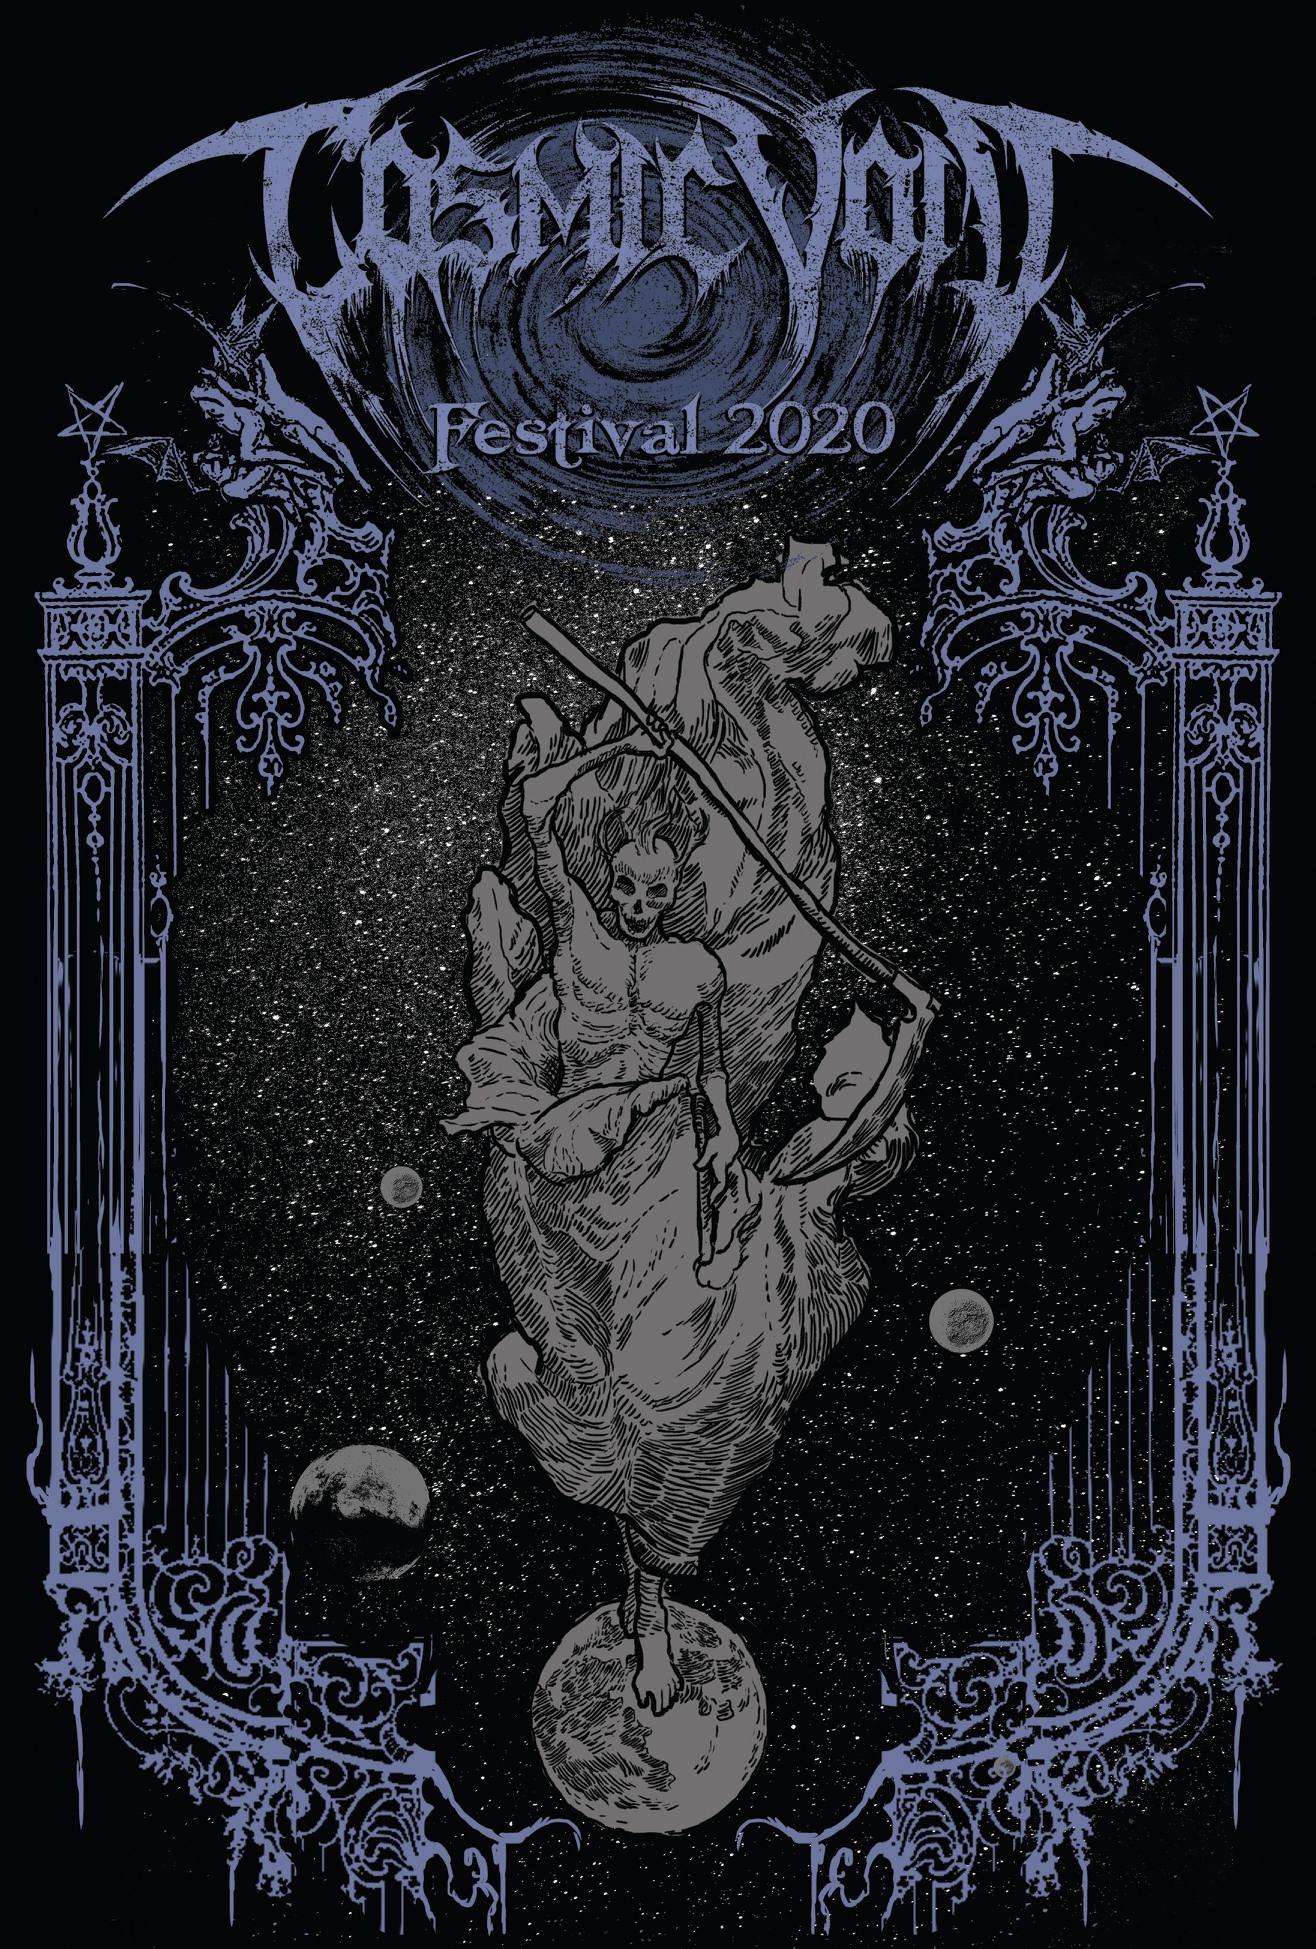 Cosmic Void Festival